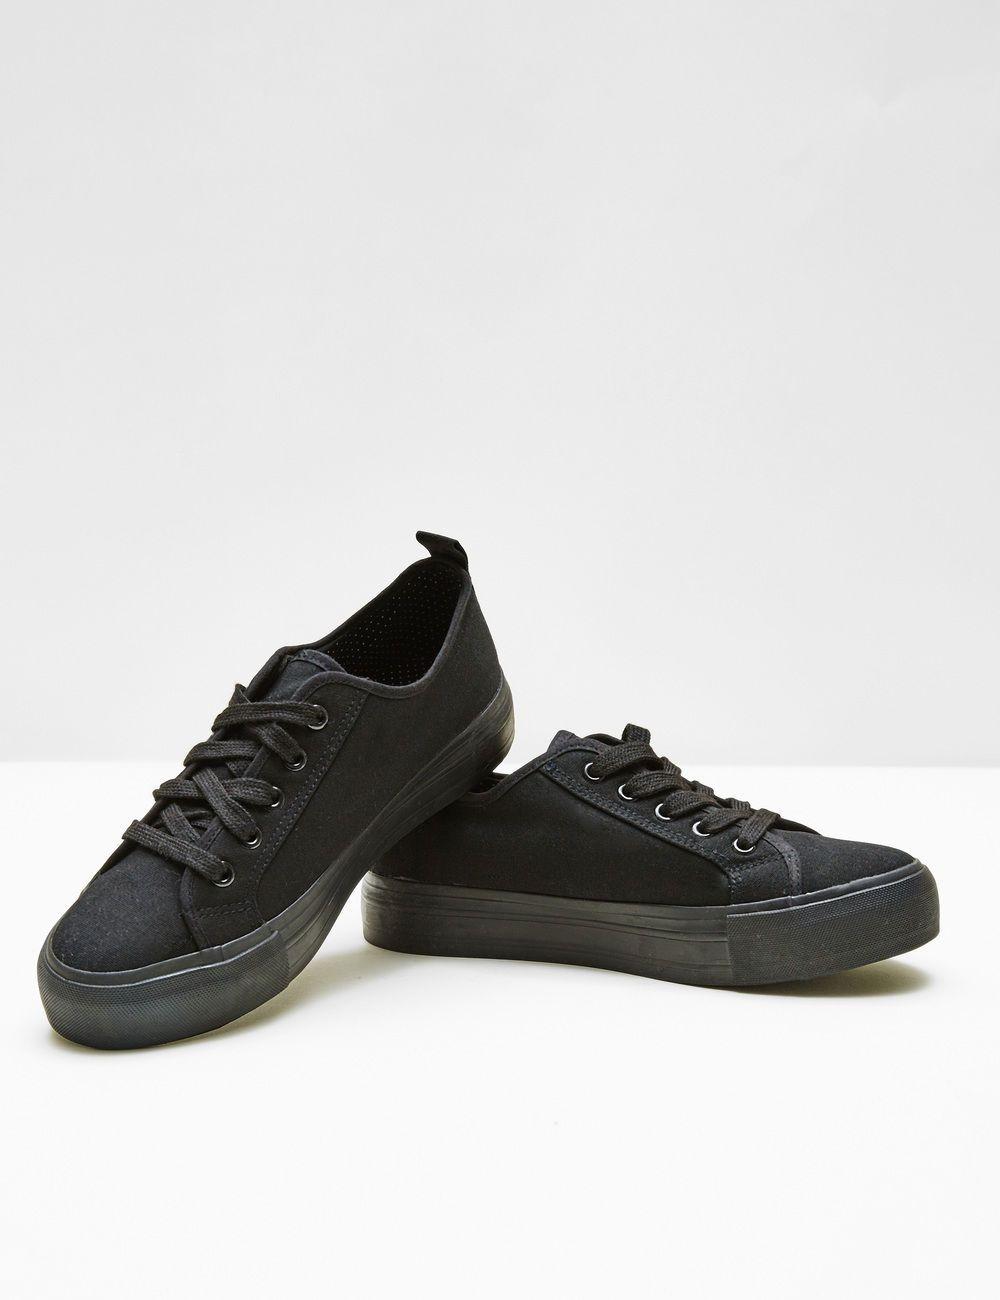 now or never Jennyfer ✓ Chaussures baskets compensées femme, noir, semelle  doublure intérieur pois, œillets noirs et lacets.